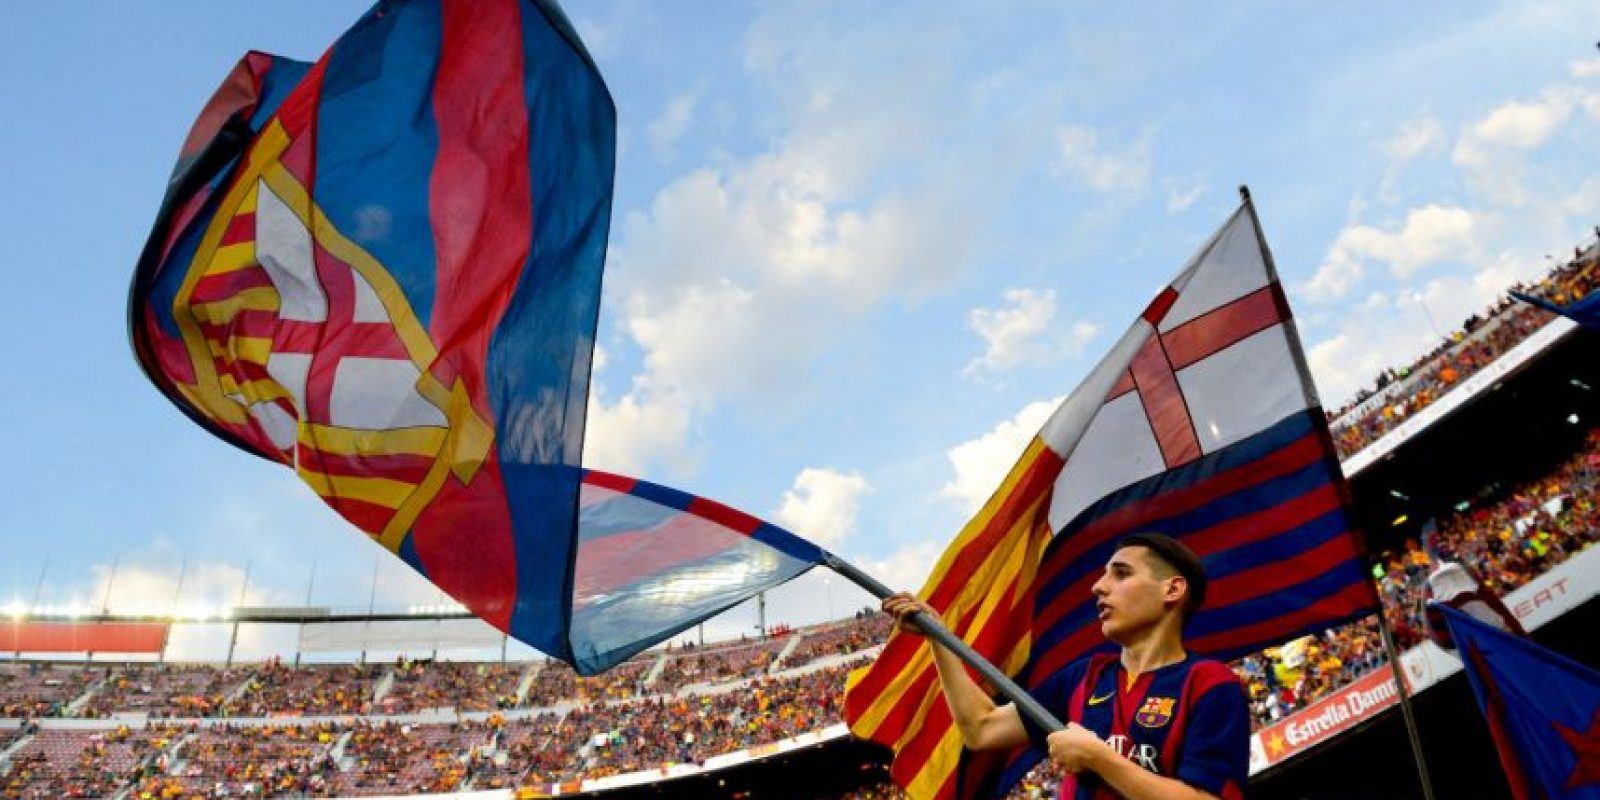 Las banderas catalanas fueron ondeadas. Foto:Getty Images